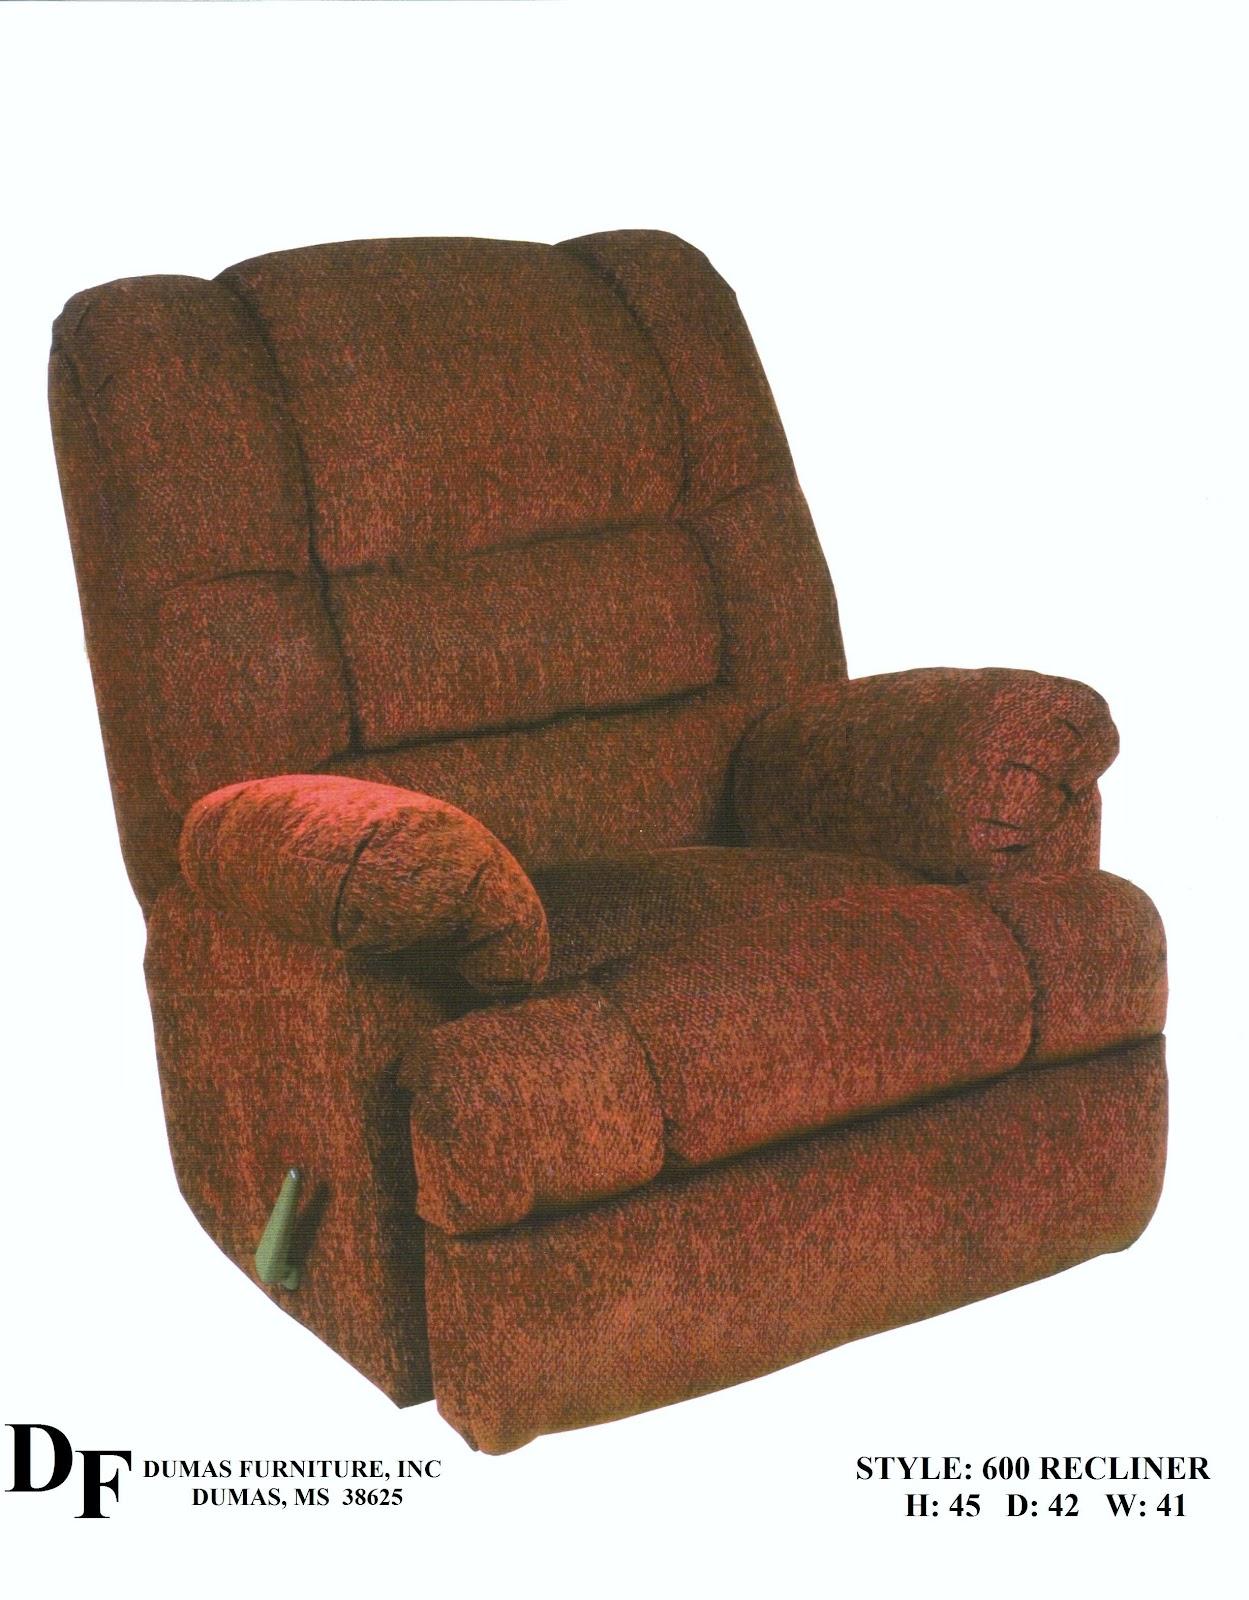 Delightful Dumas Furniture Mfg